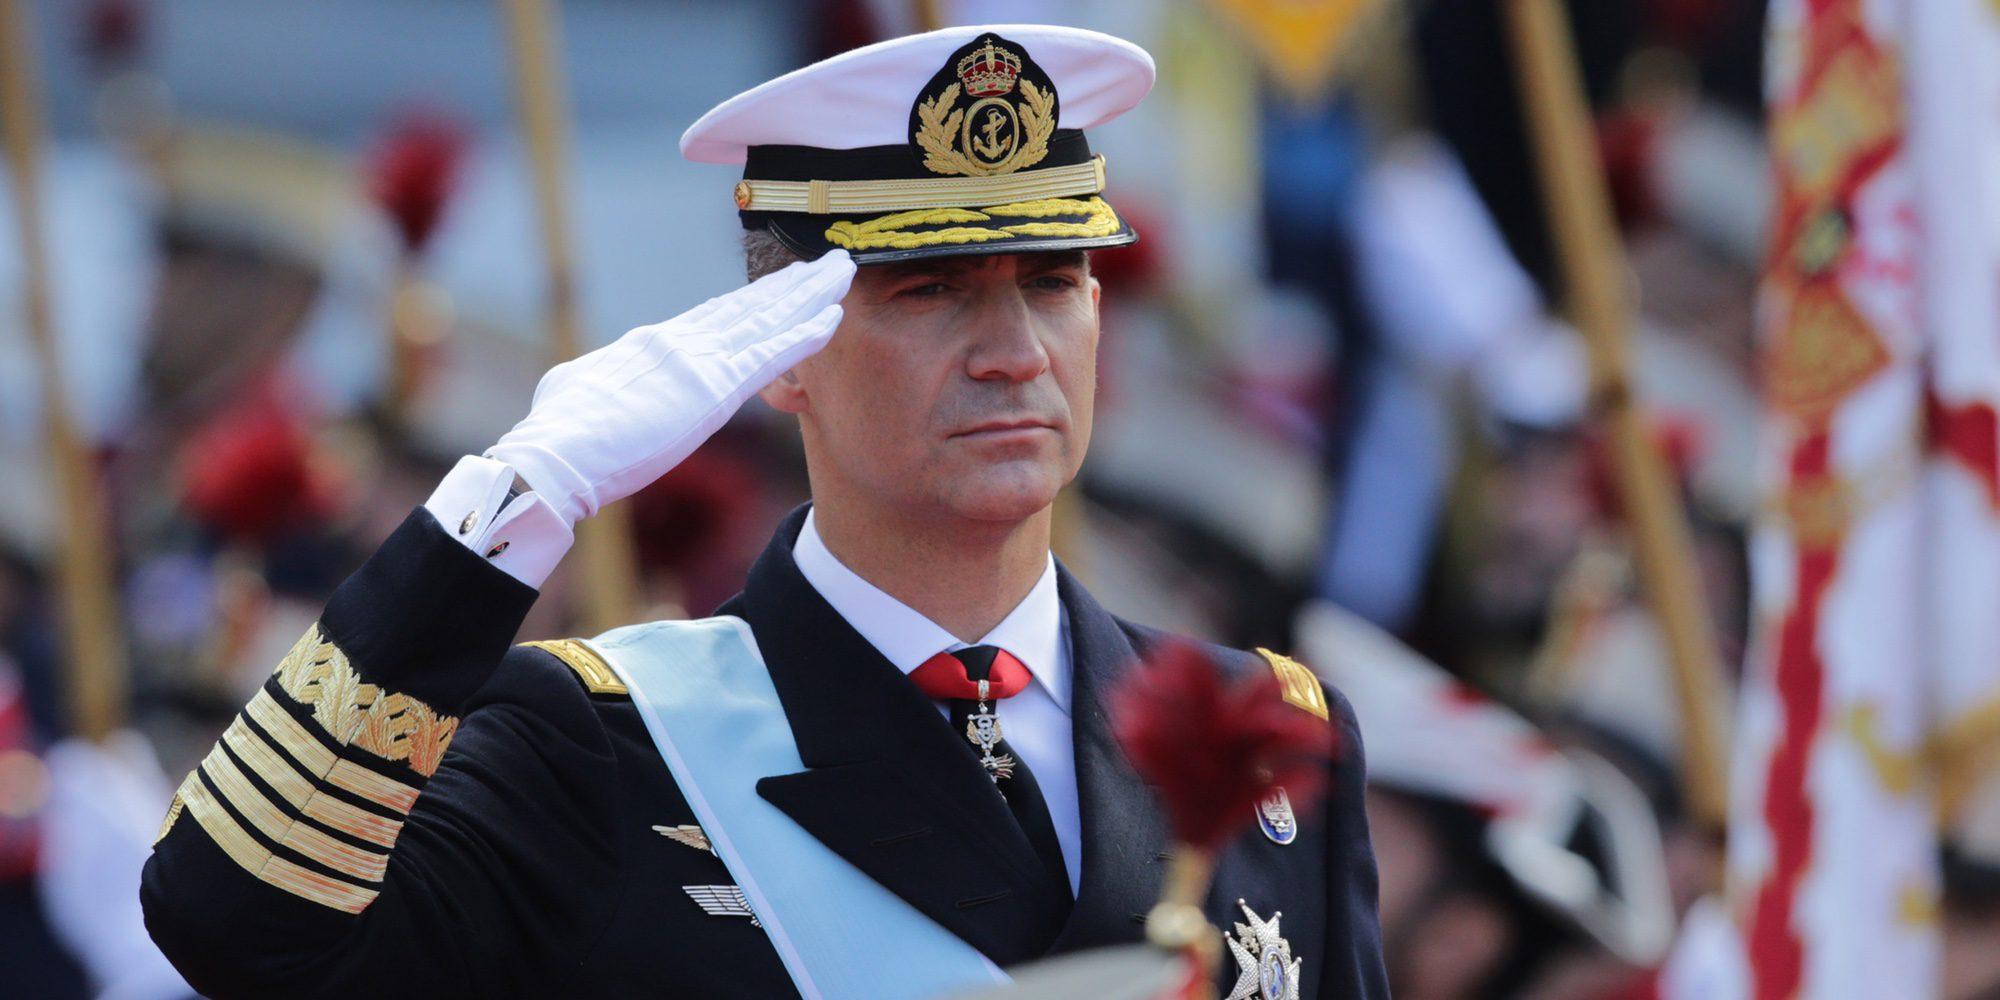 El Rey Felipe sufrió bullying en el colegio y en la Academia Militar